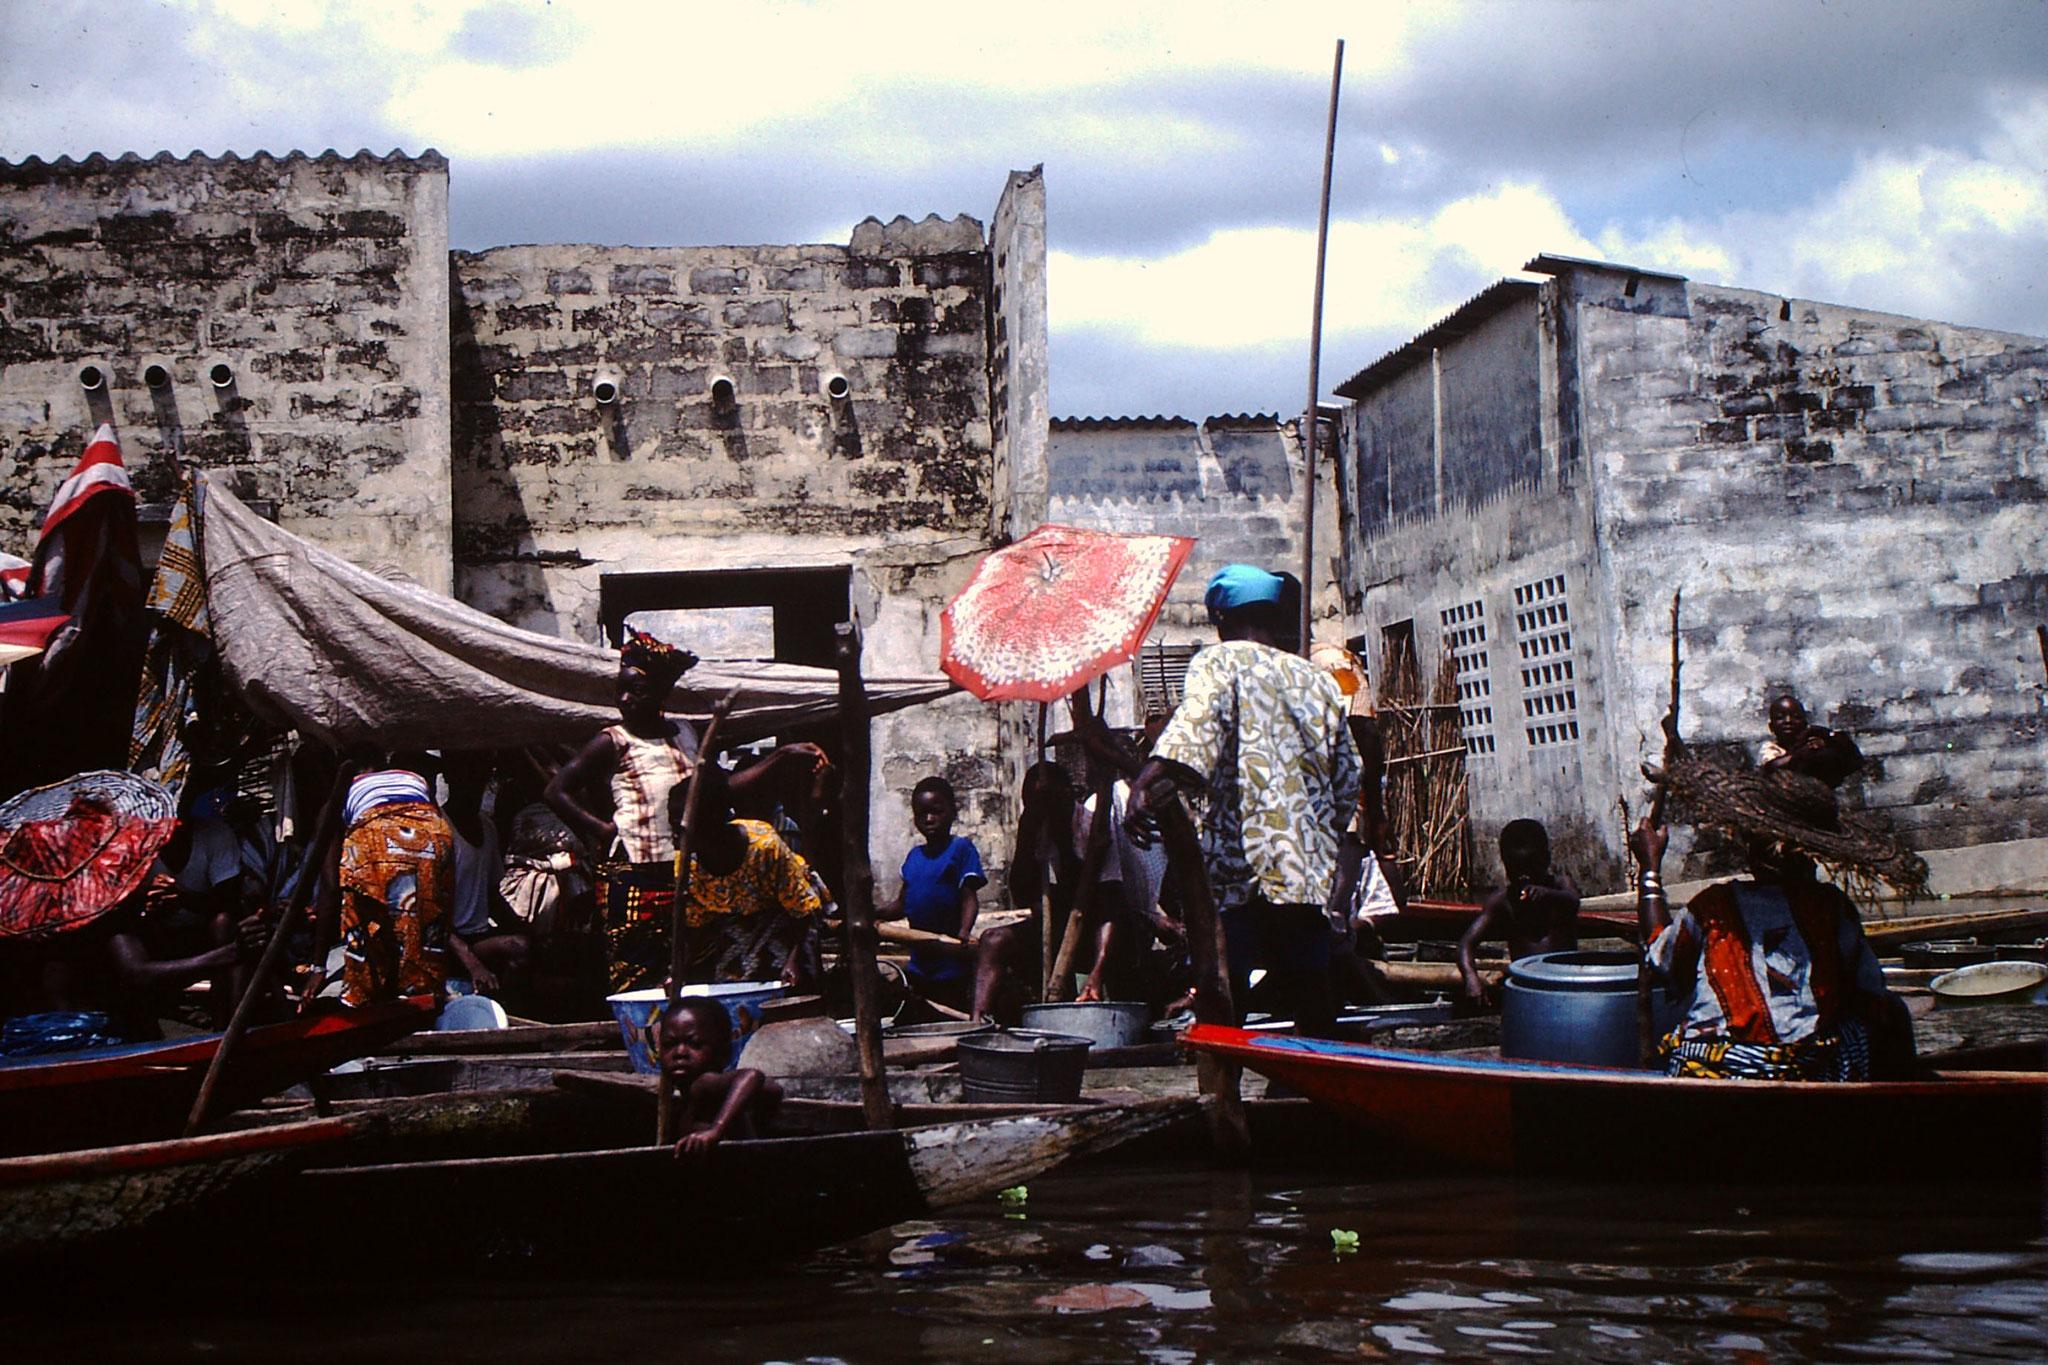 Auf Pirogen wird allerlei Ware angeboten. Es ist ein schwimmender Markt.